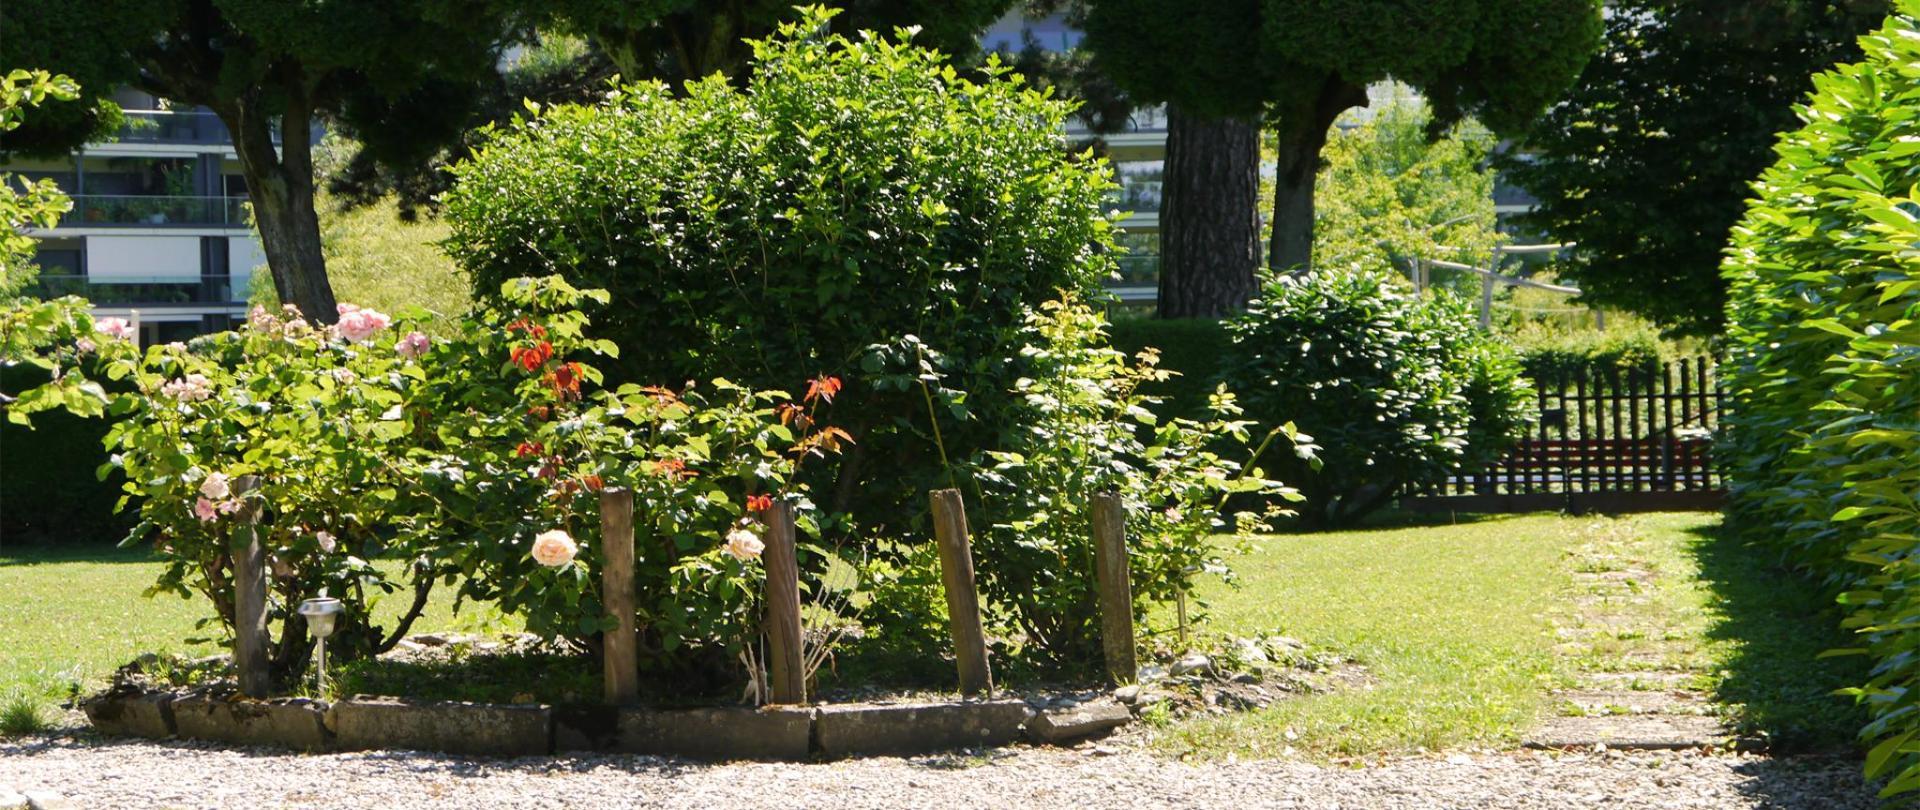 Garten 3.jpg